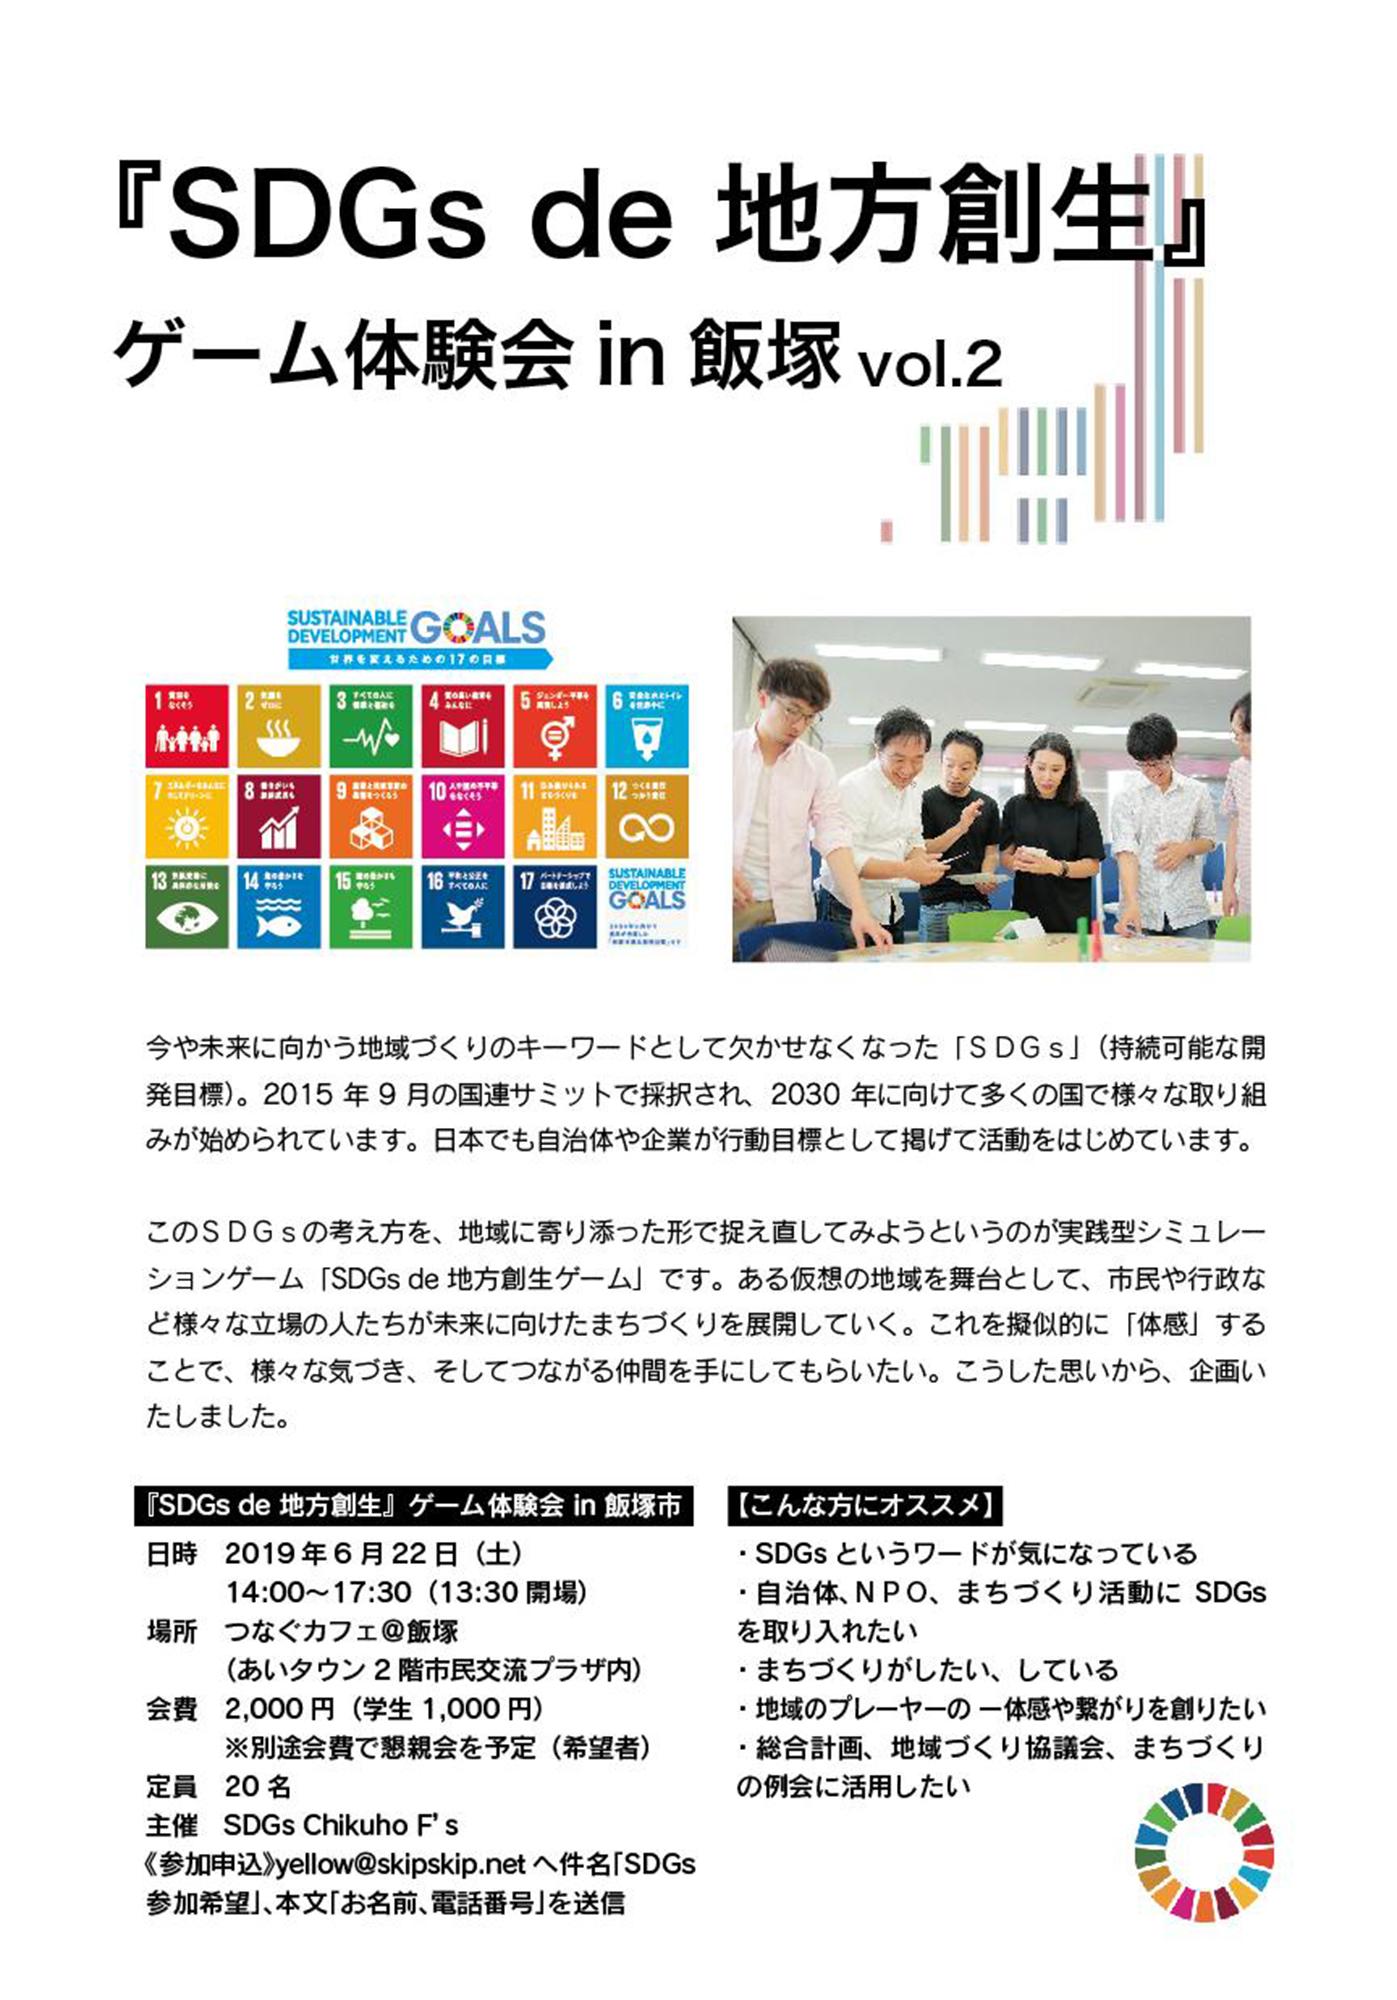 「SDGs de 地方創生」ゲーム体験会 in 飯塚 vol.2